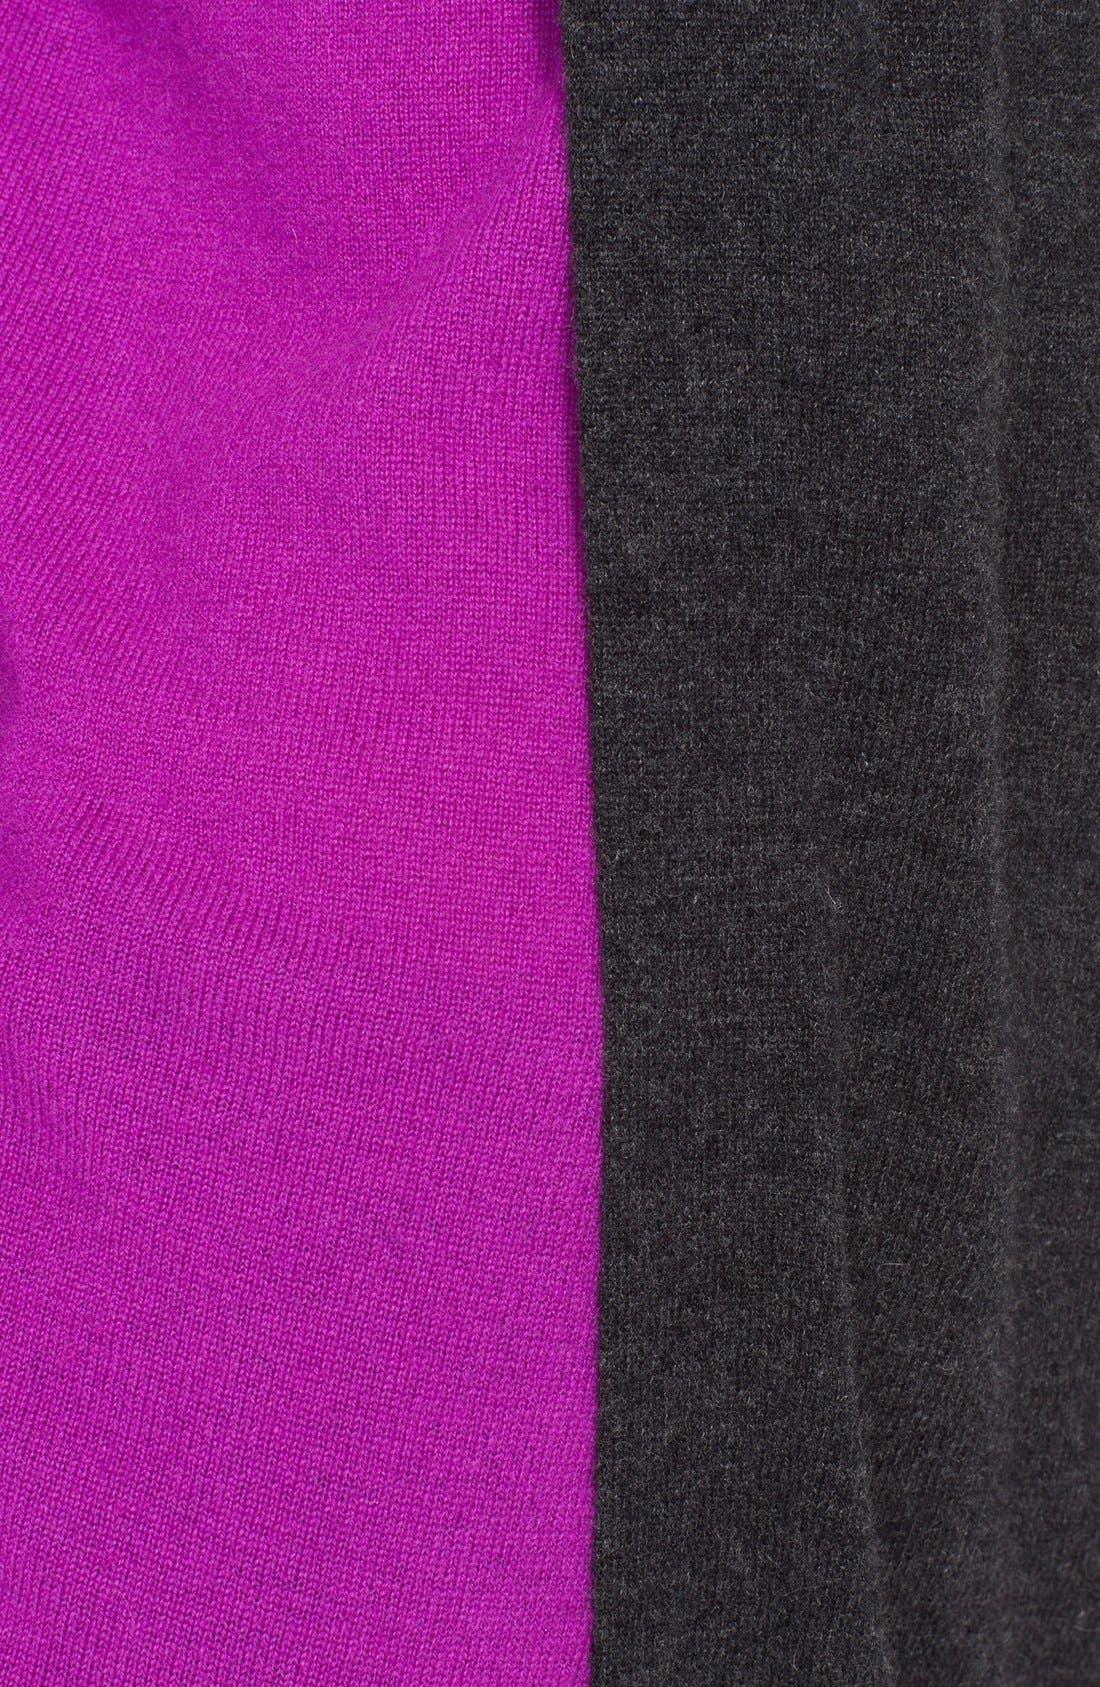 Alternate Image 3  - autumn cashmere Colorblock Overlap Cashmere Sweater